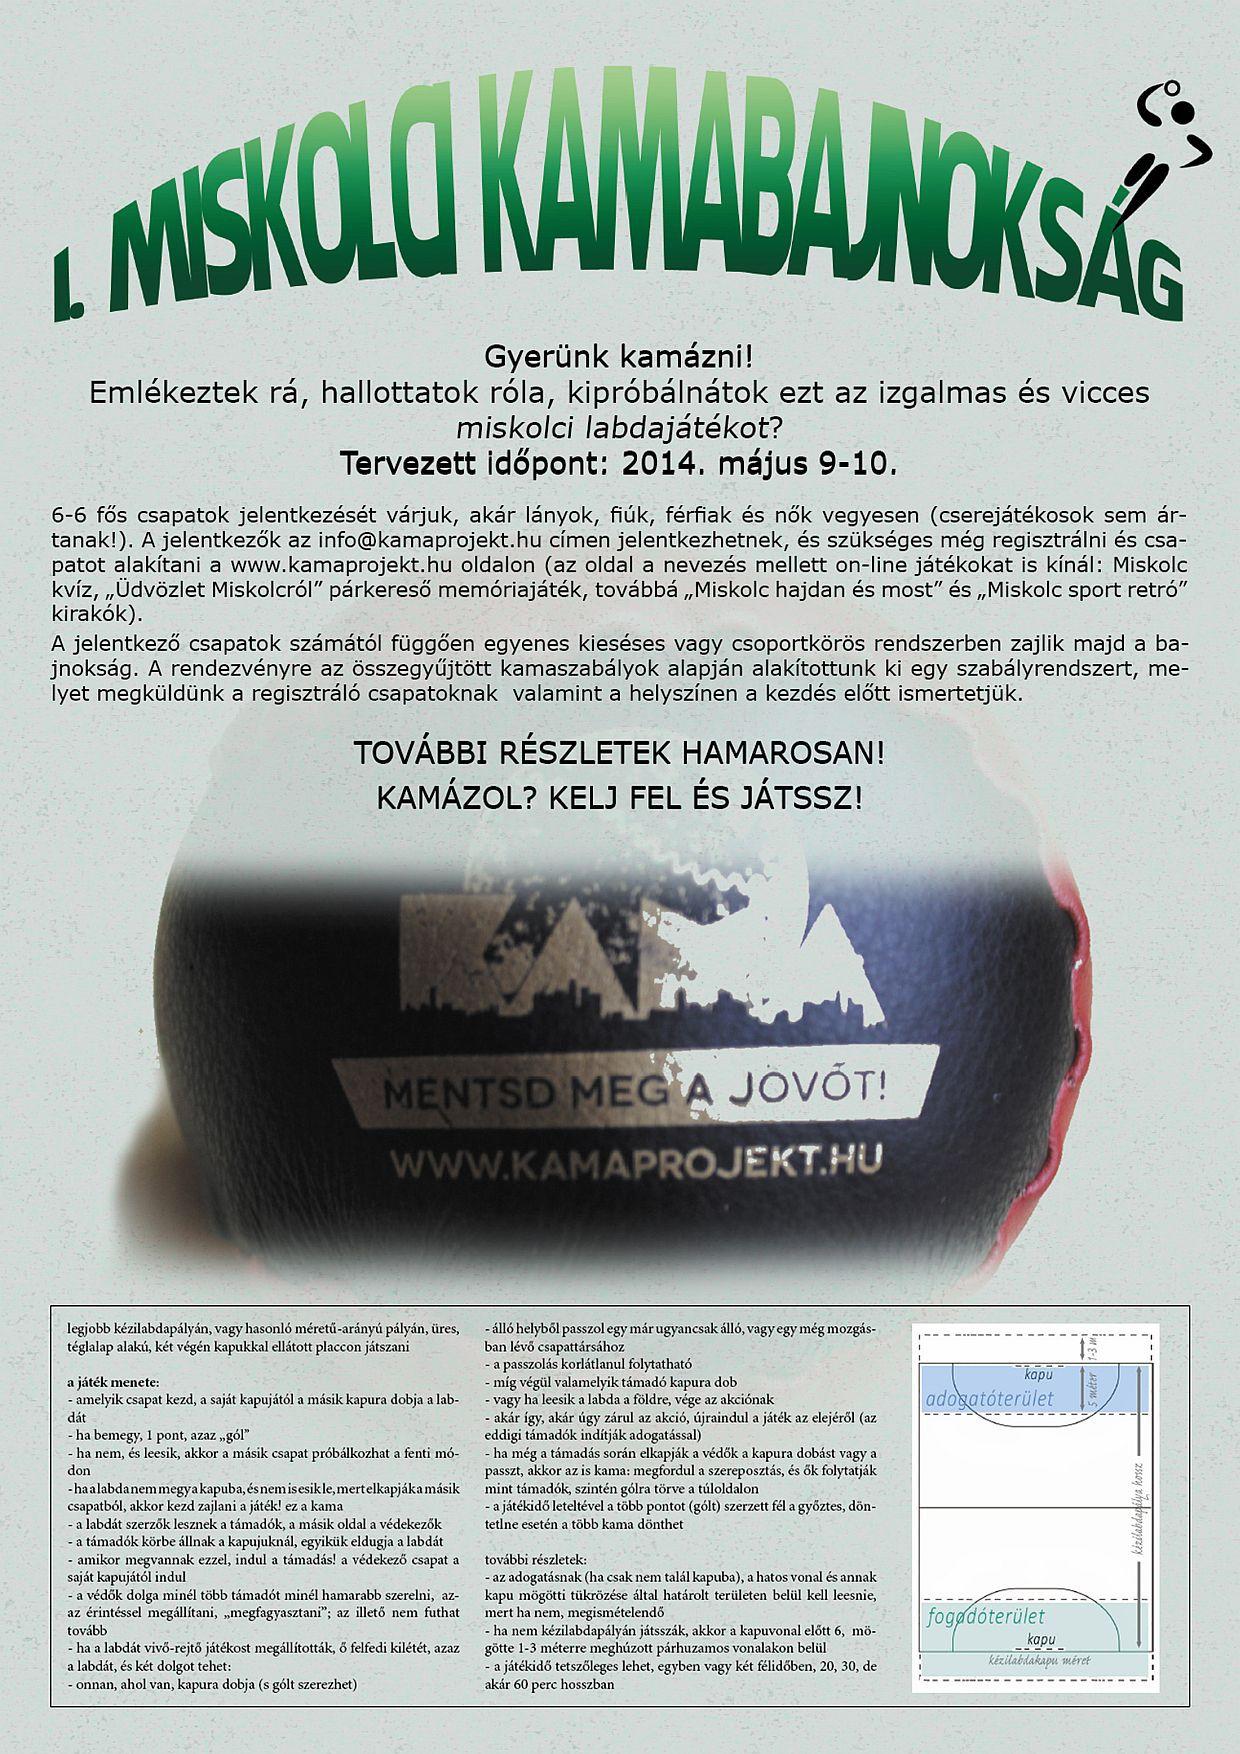 kamabajnokság -plakát1a